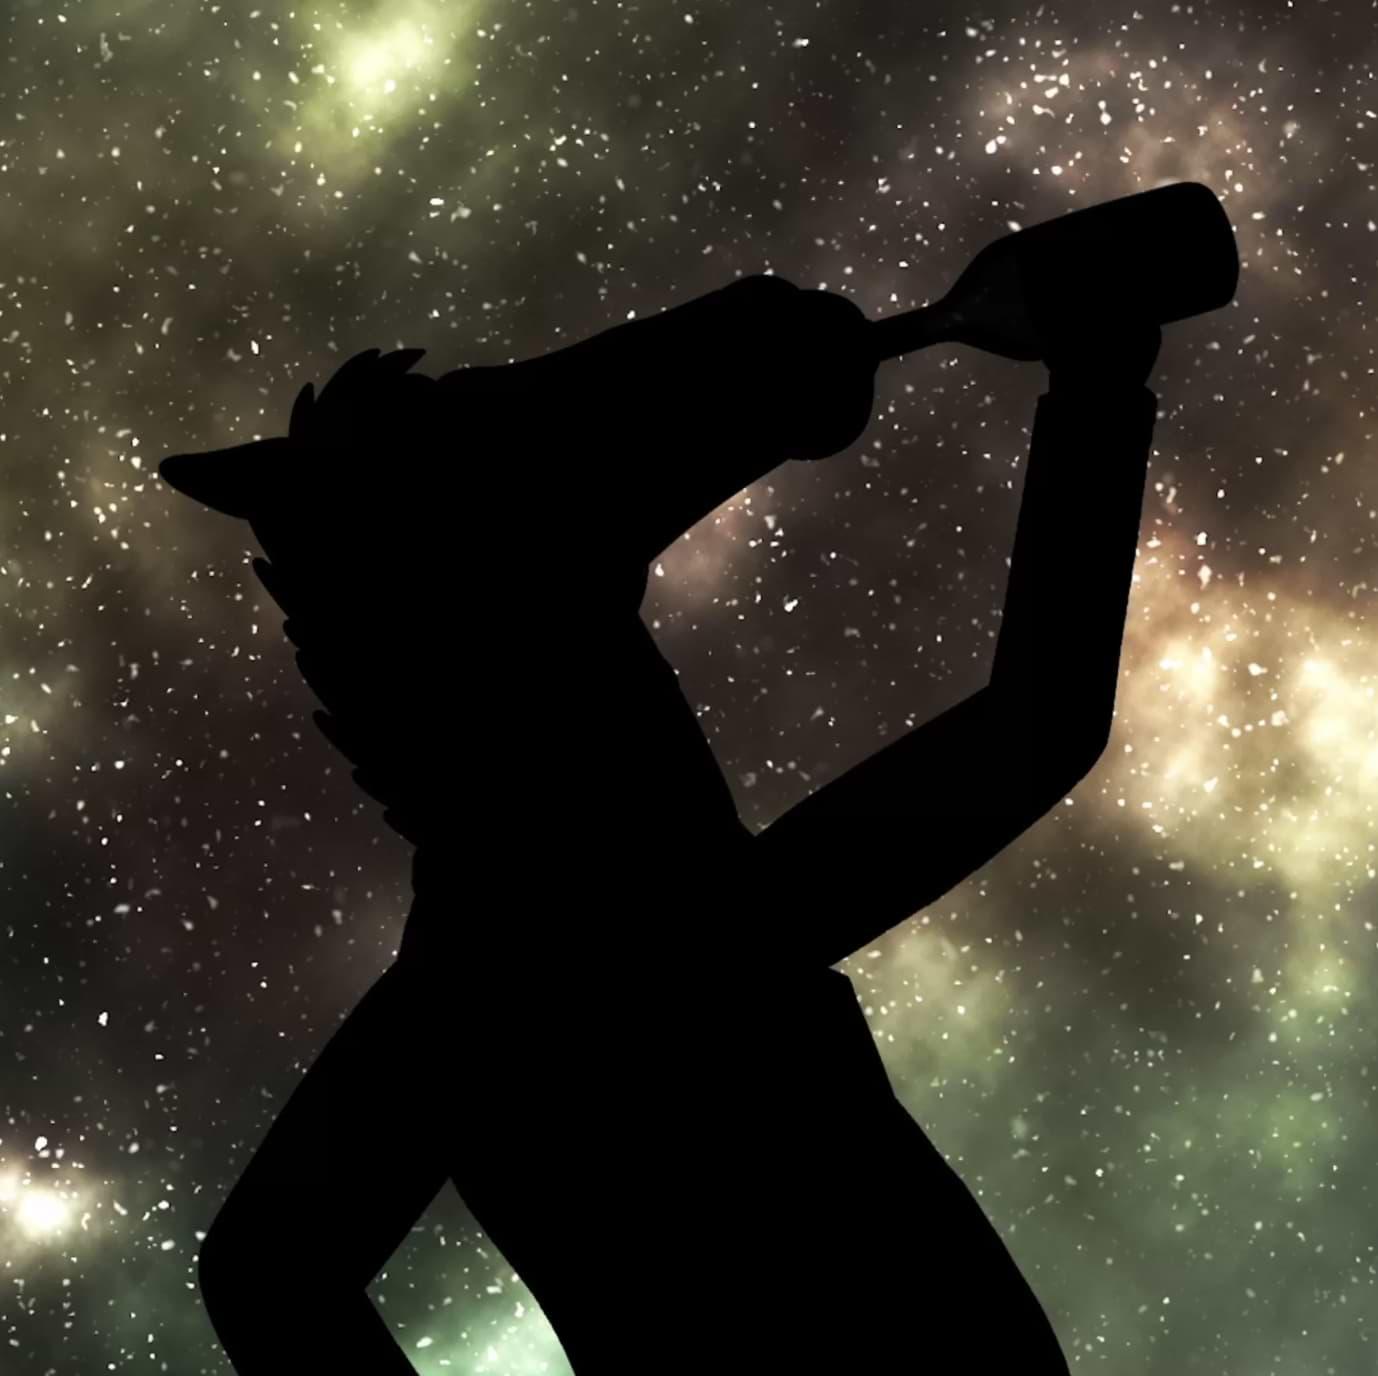 Кадр измультсериала «Конь Боджек»(BoJack Horseman). Источник: netflixlife.com